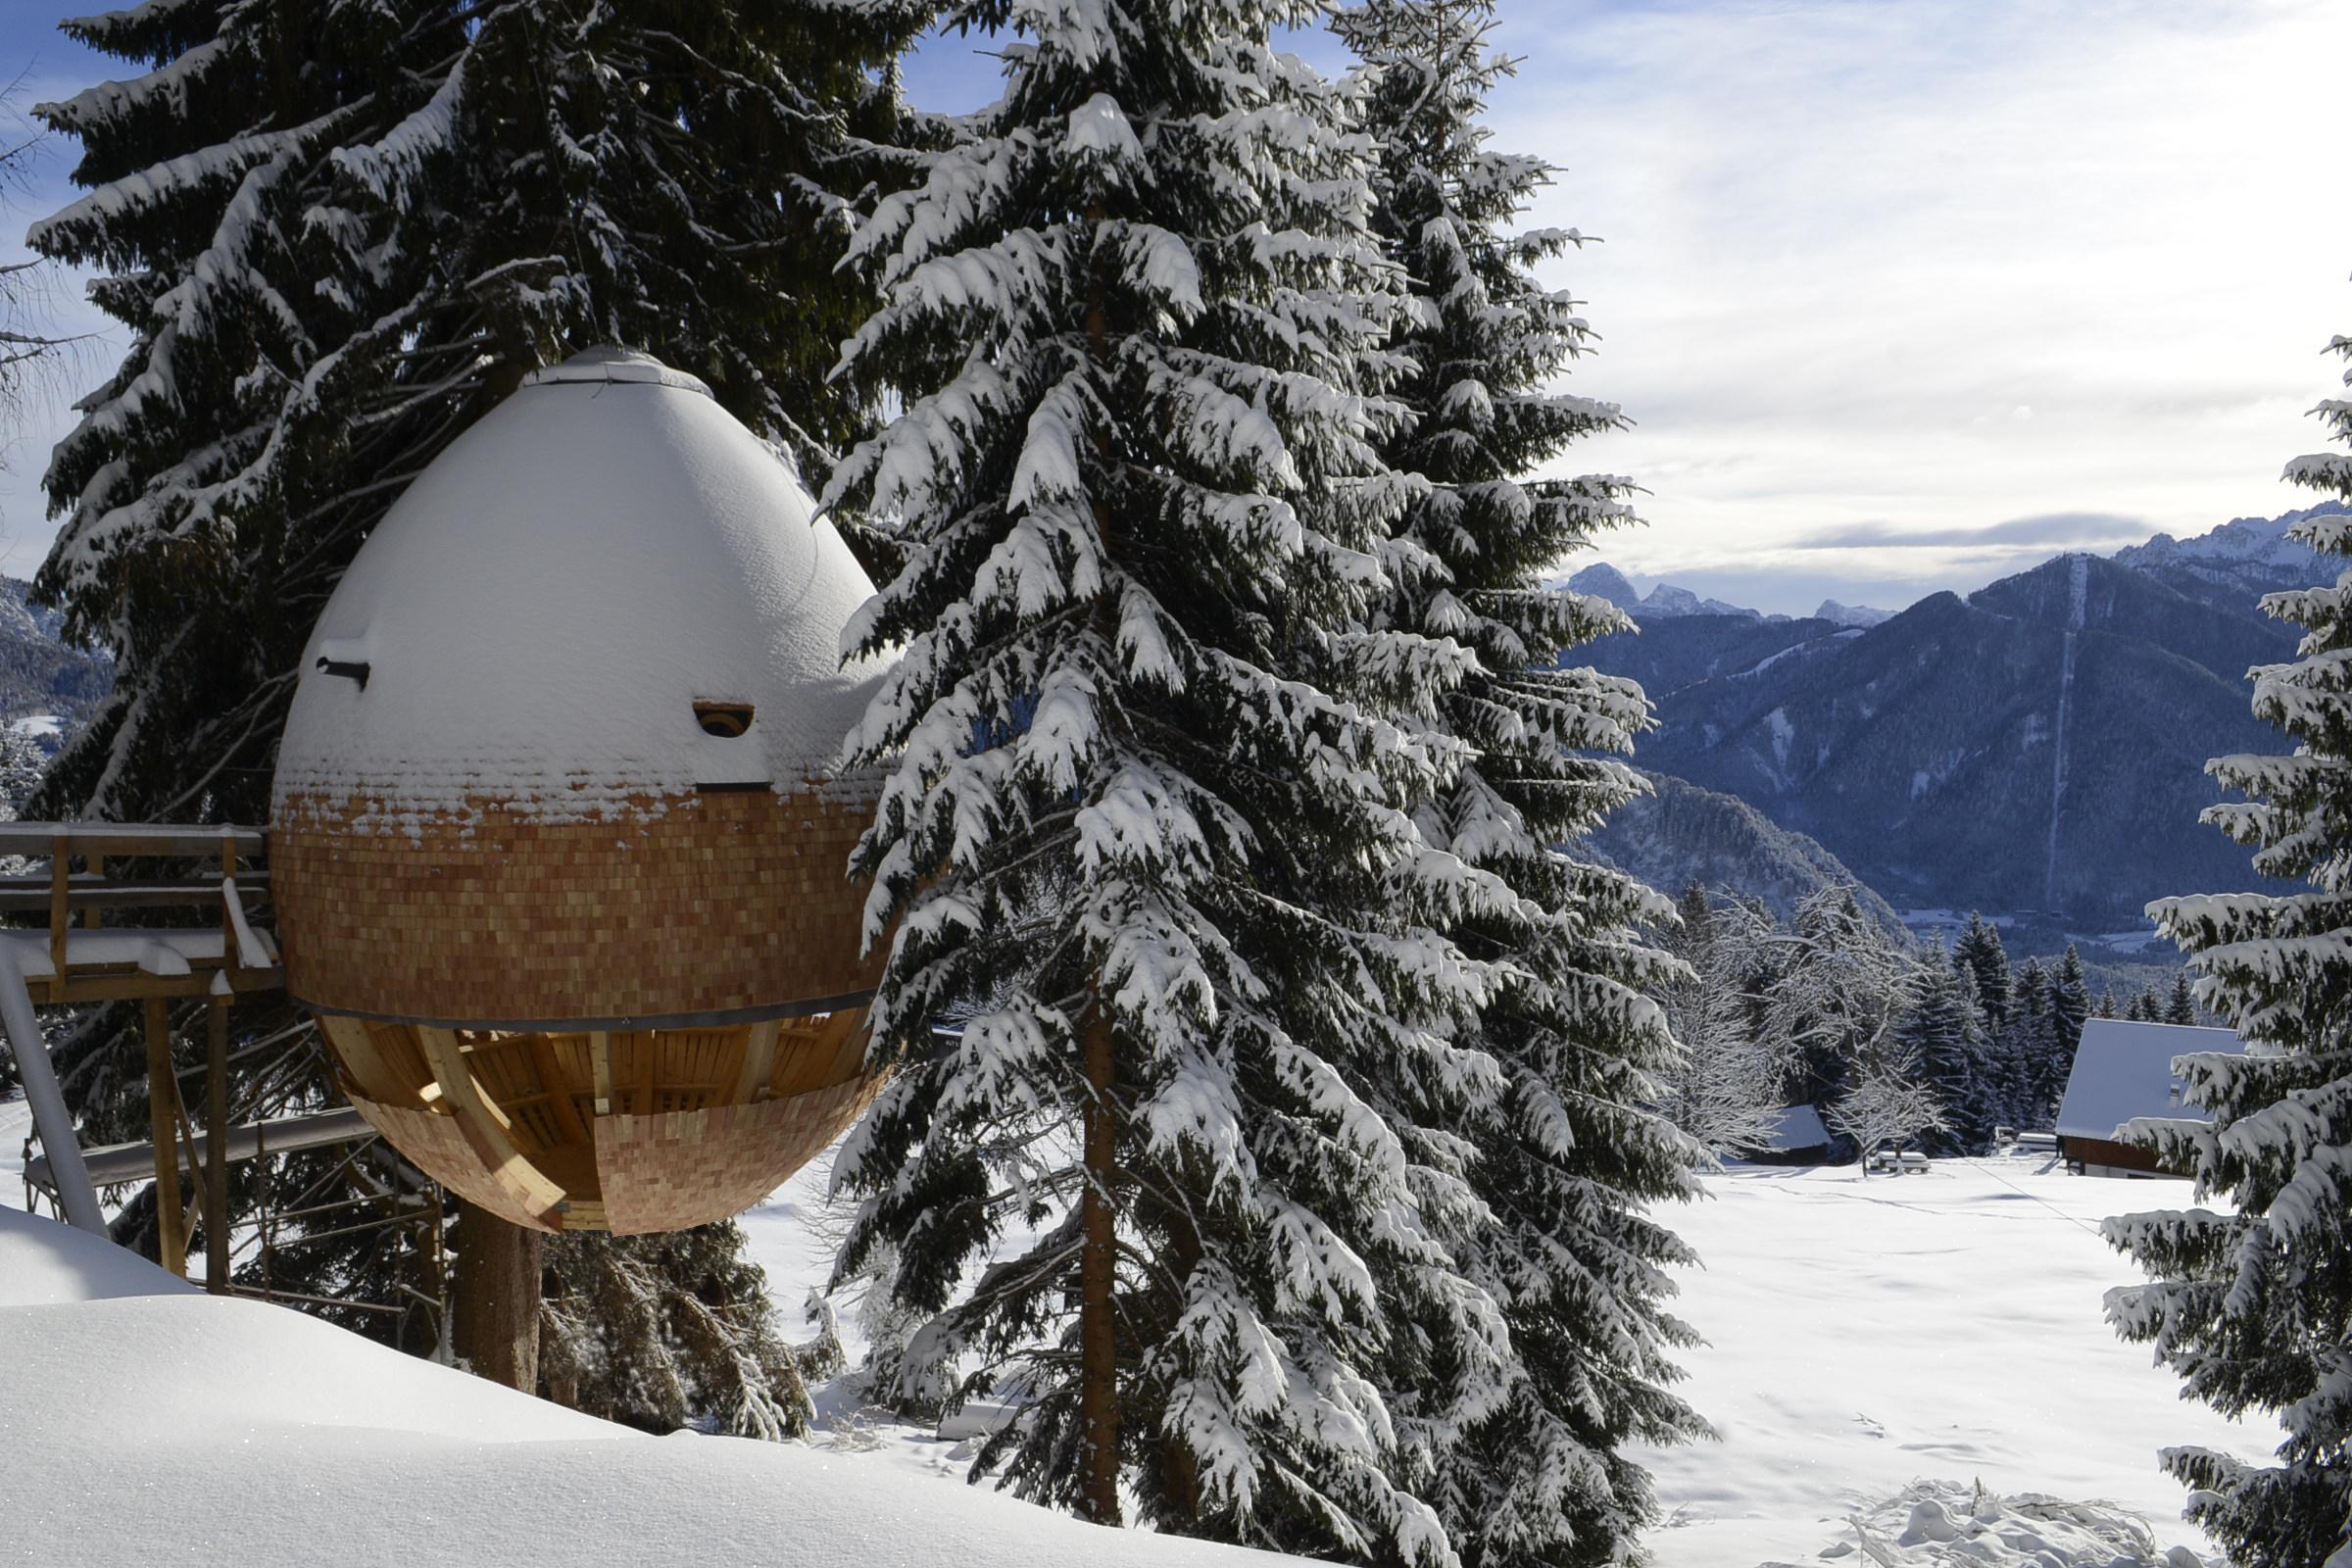 Casa sull'albero tra i boschi innevati, provincia di Udine, Alpi Giulie